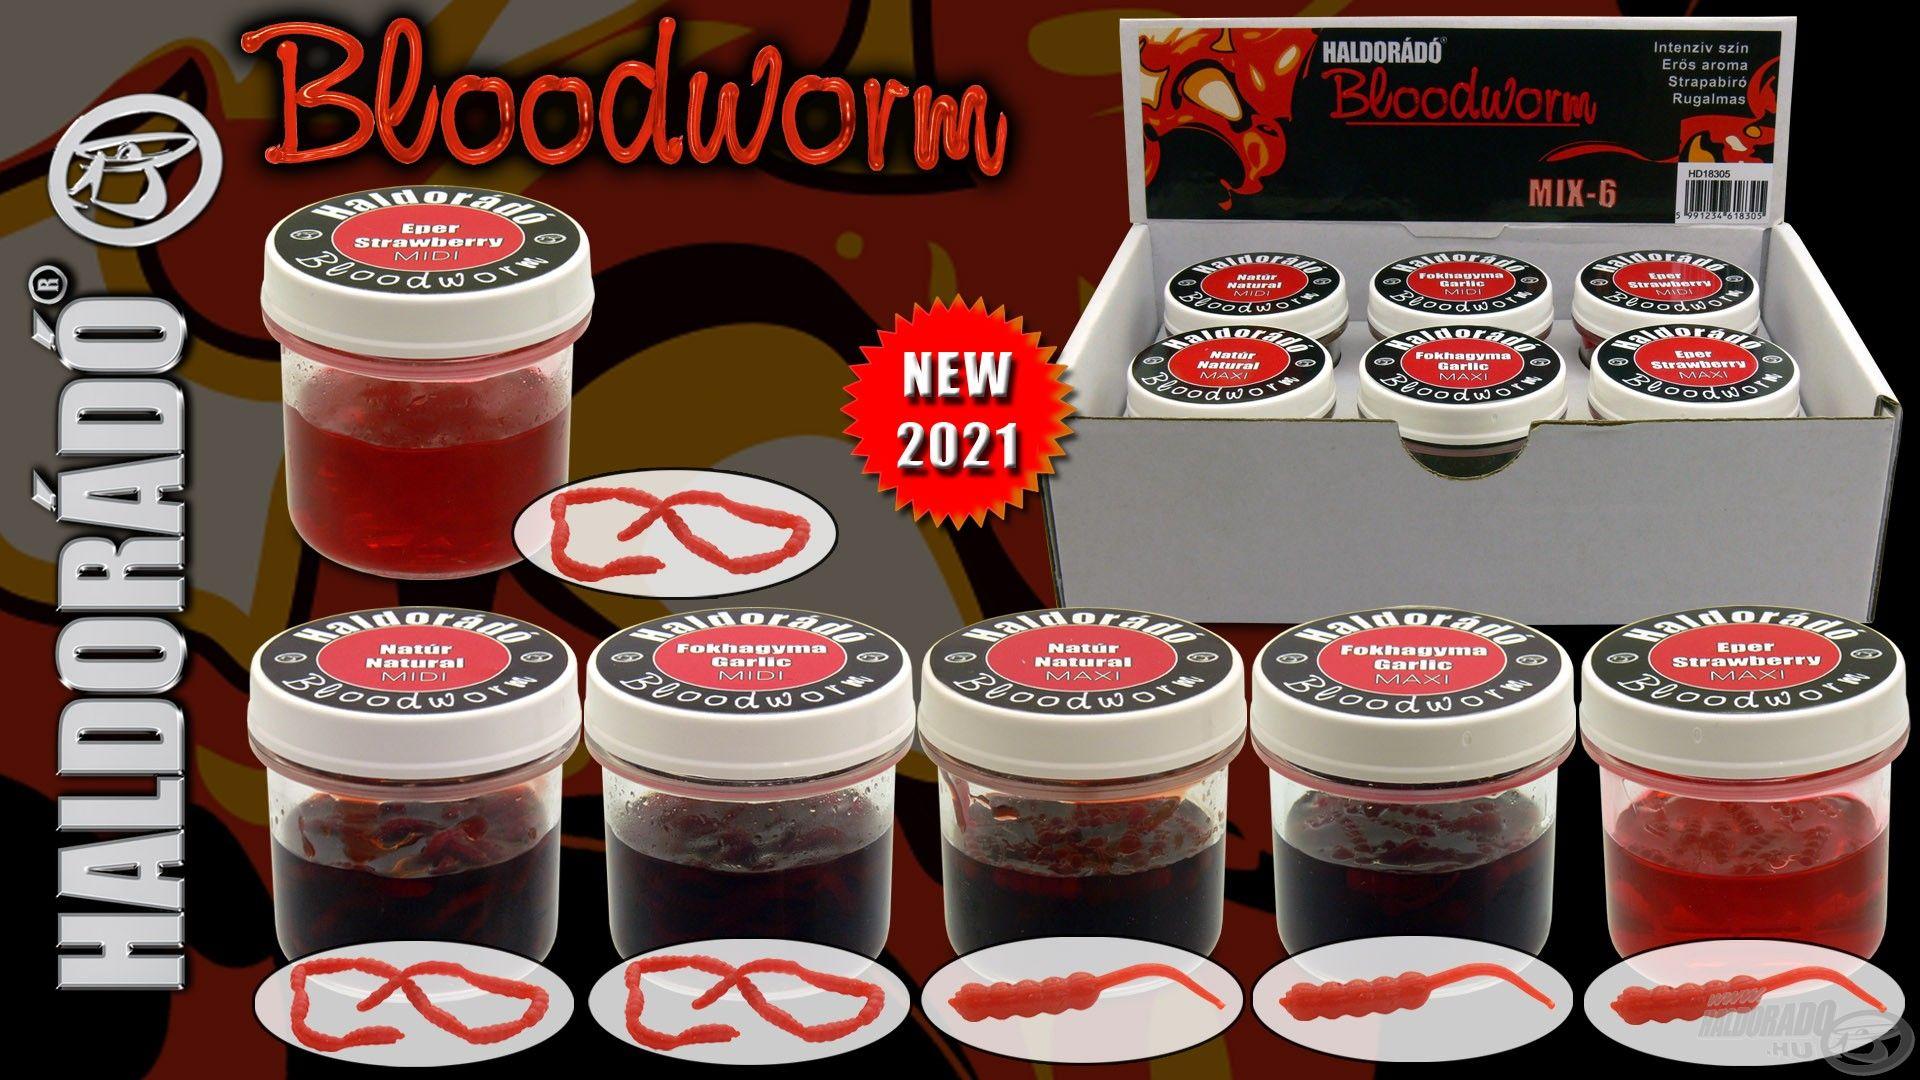 2021-től egy különleges, a palettánkról eddig hiányzó csalit, a Bloodworm változatot, vagyis a szúnyoglárvát is kínáljuk a finomszerelékes horgászat szerelmeseinek